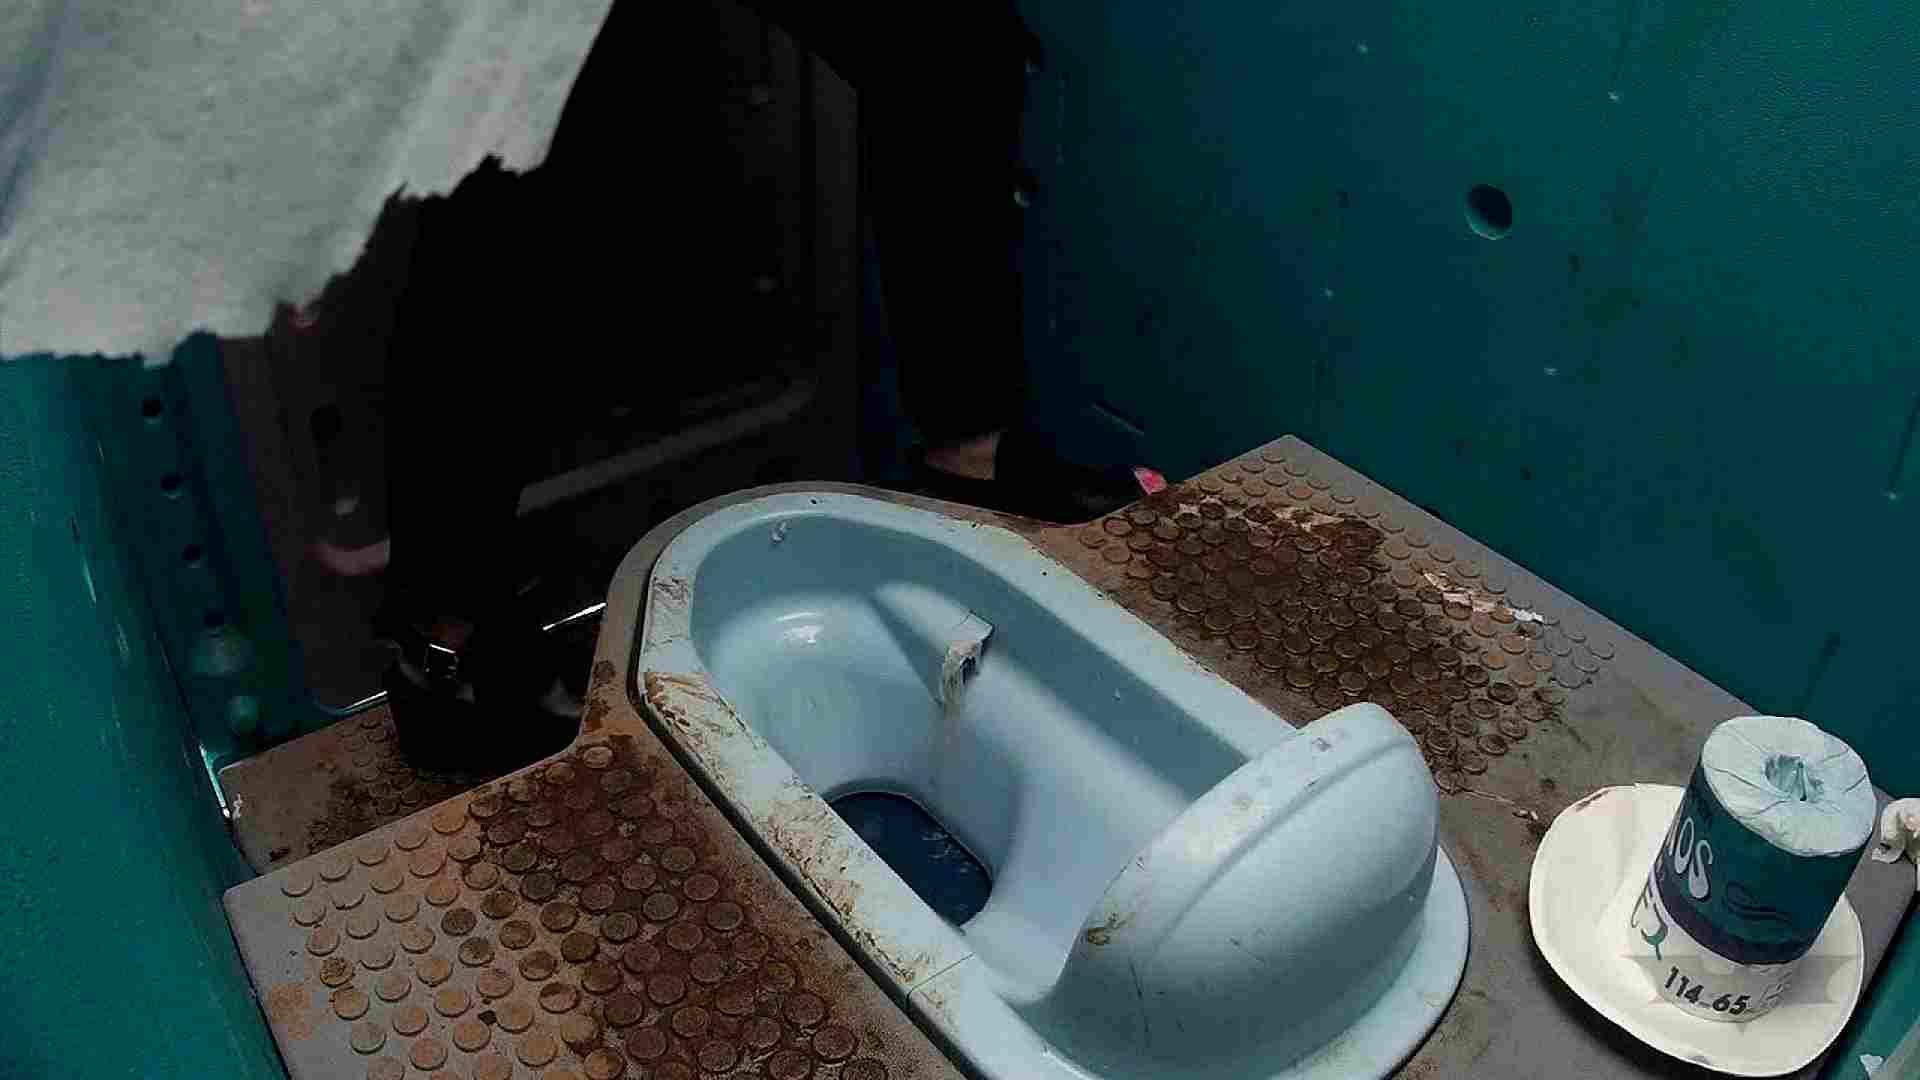 痴態洗面所 Vol.06 中が「マジヤバいヨネ!」洗面所 OLのボディ  49PIX 14